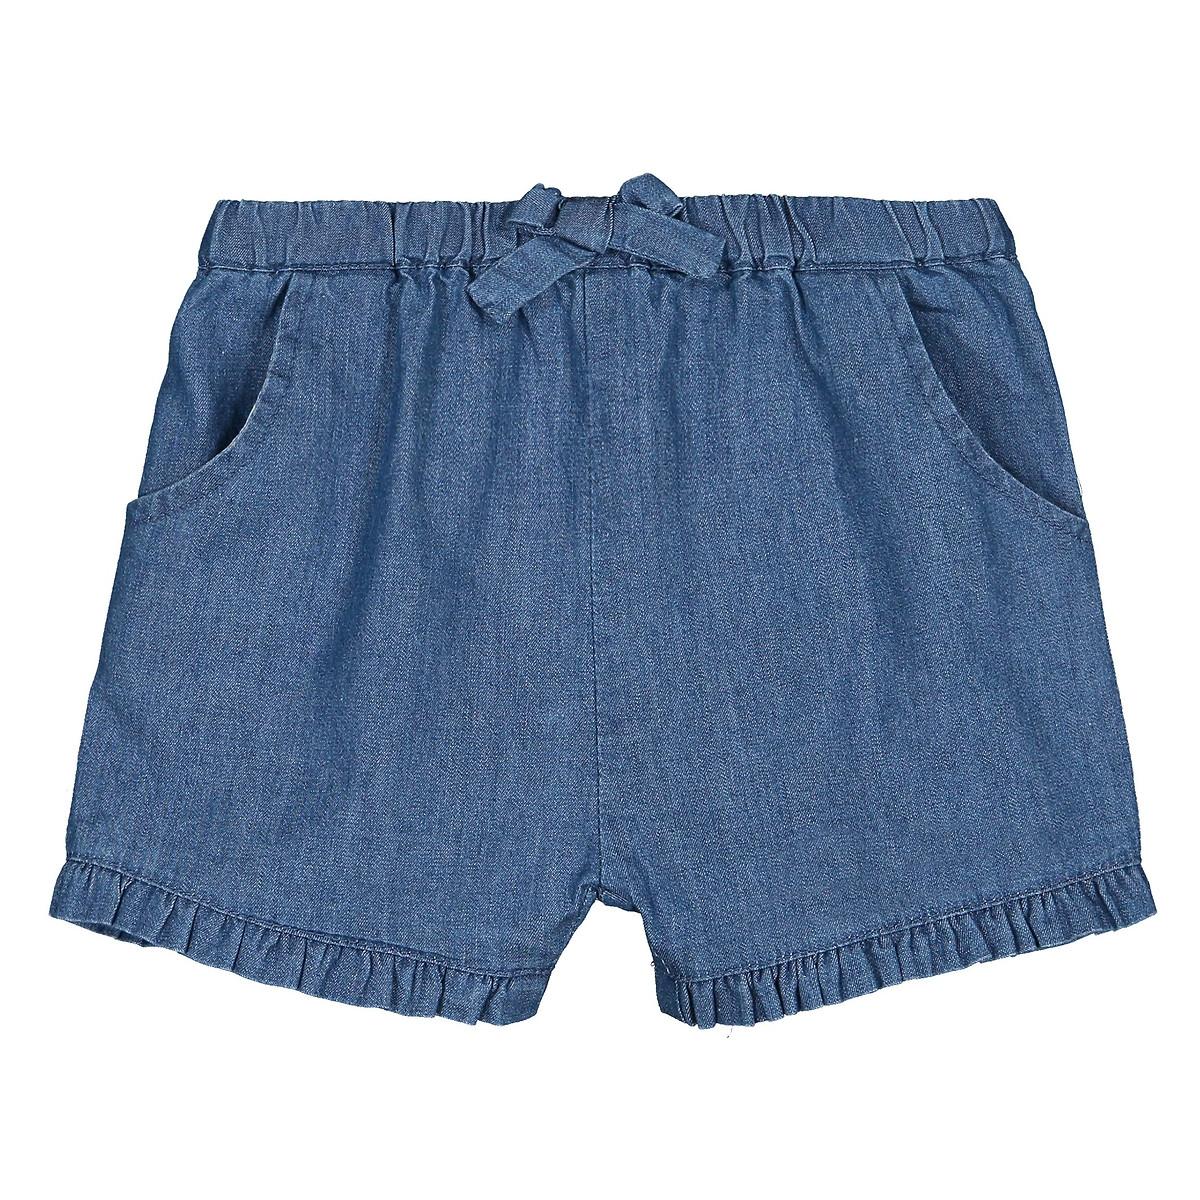 Шорты-шаровары LaRedoute С воланом из джинсовой ткани 1 мес - 3 года 2 года - 86 см синий